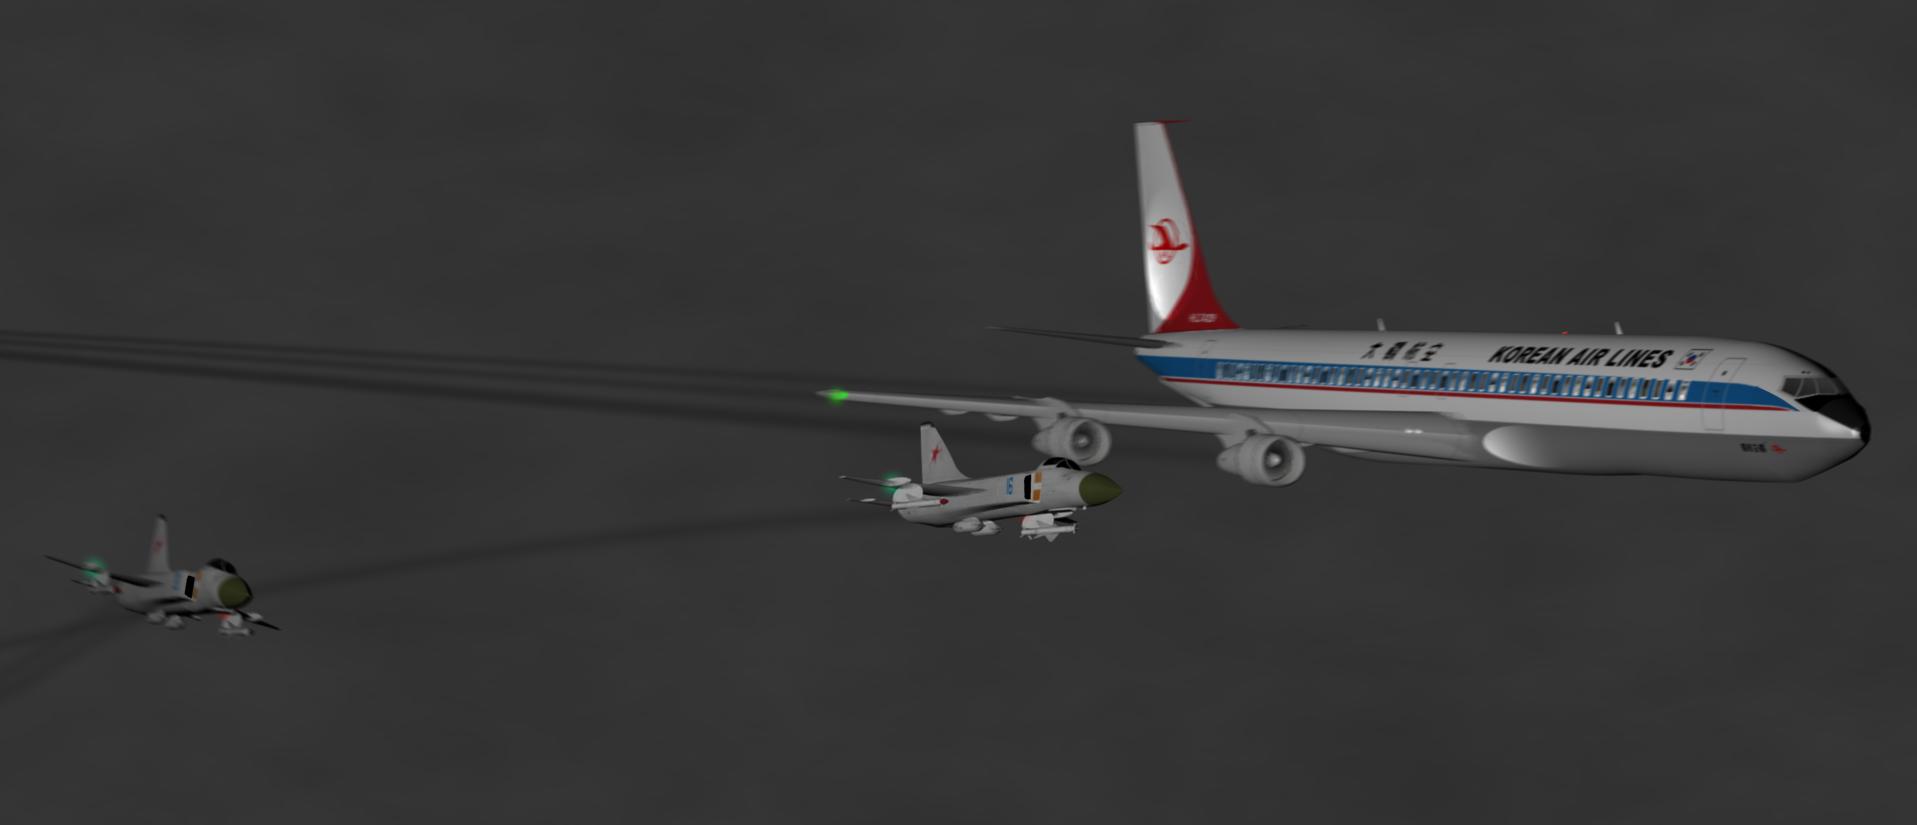 Ситуации, аналогичные уничтожению российского Су-24, могут повториться, - премьер-министр Турции - Цензор.НЕТ 9219